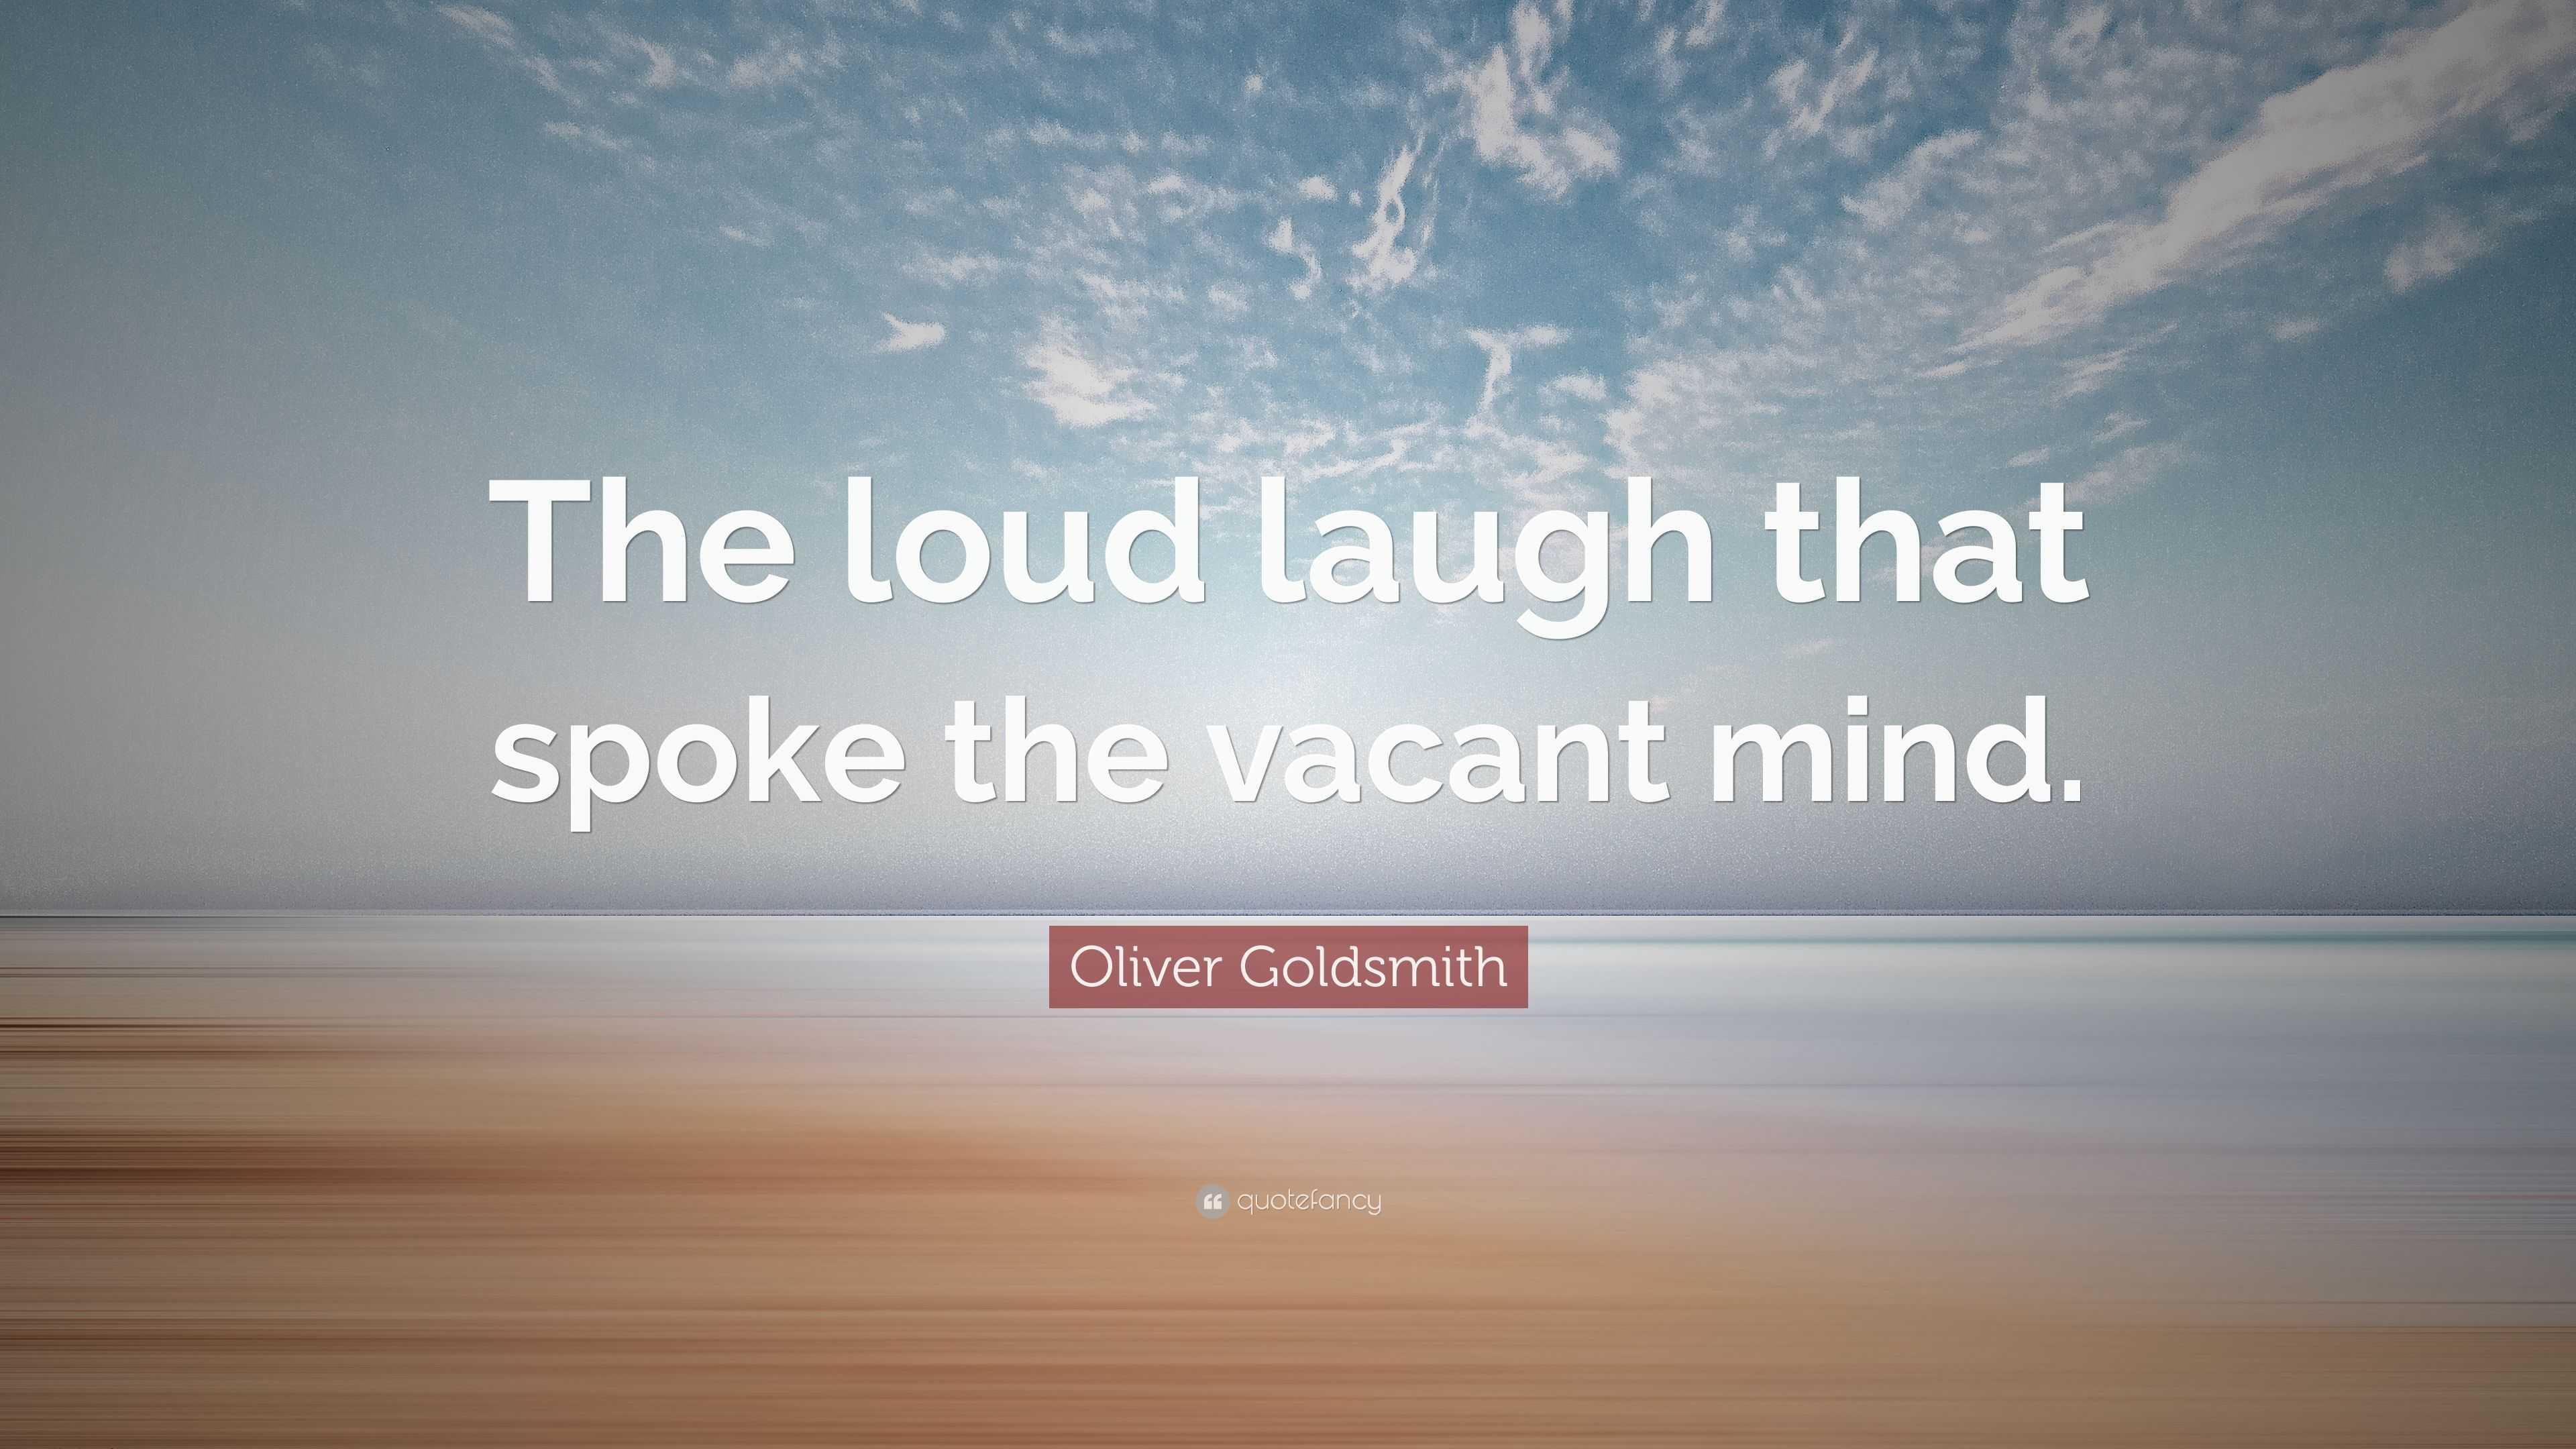 Loud Laugh Spoke Vacant Mind